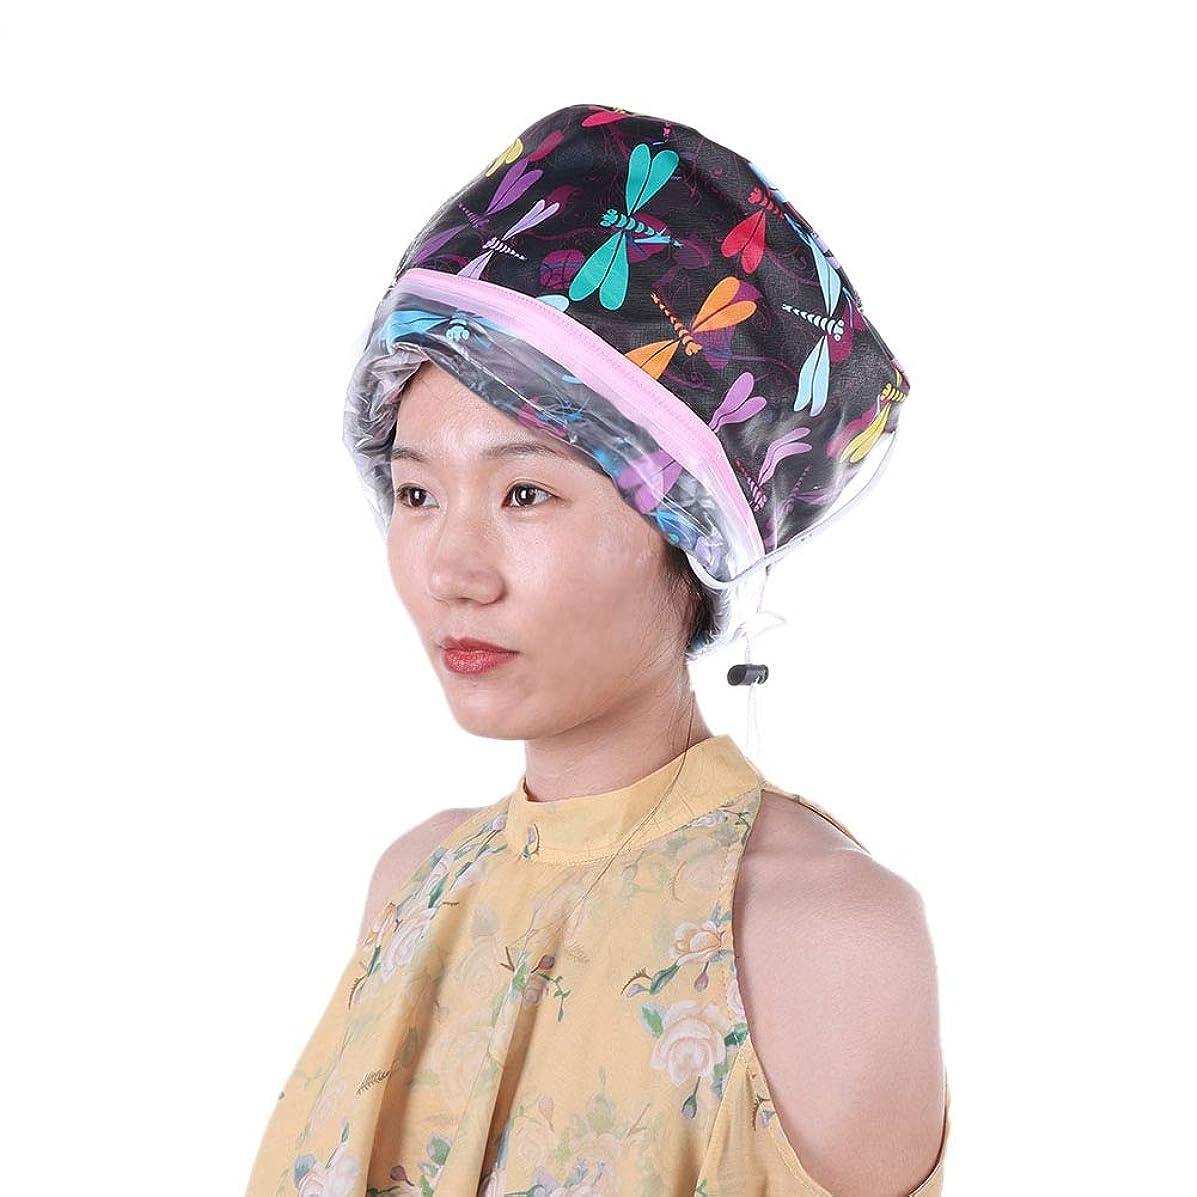 慰め微生物不利電気ヒーターキャップ、SPAヘアオイルトリートメントおよびファミリーパーソナルケア用の温度調節可能なディープコンディショニングヘアスチーマー、髪の毛先の改善および髪の損傷の修復(1)